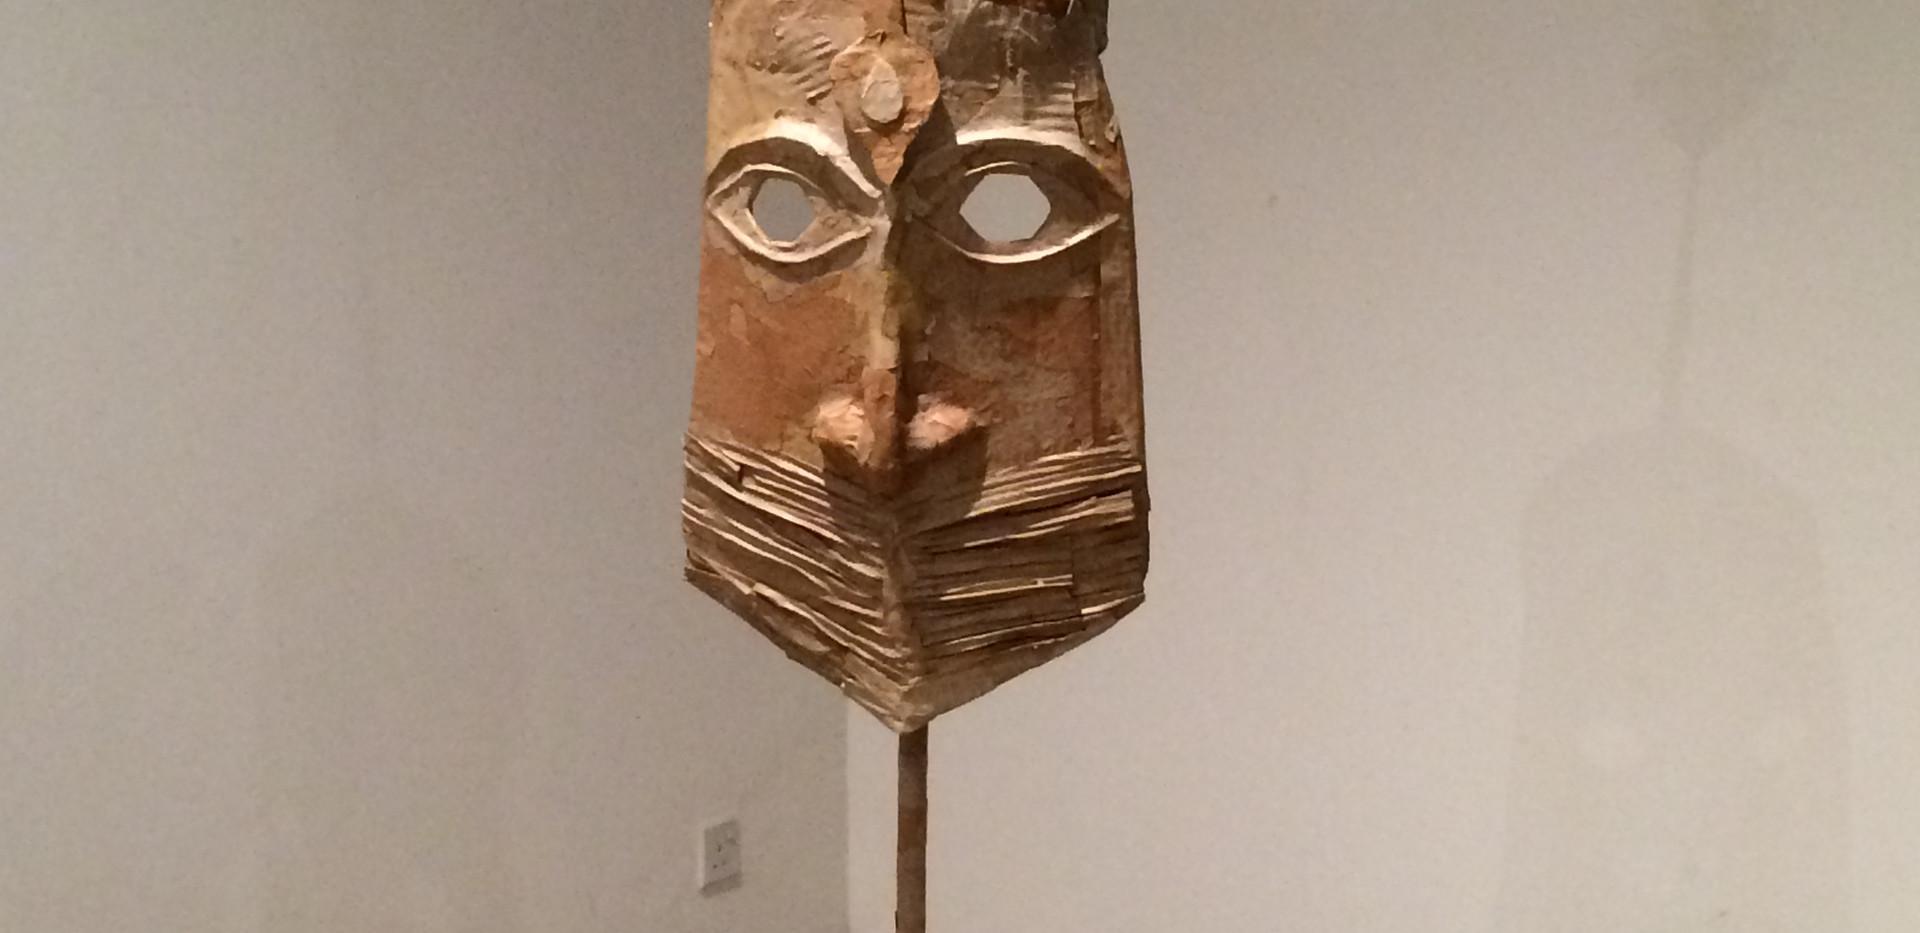 Yasmin Sinai Mask Paper mache and cardboard 2015